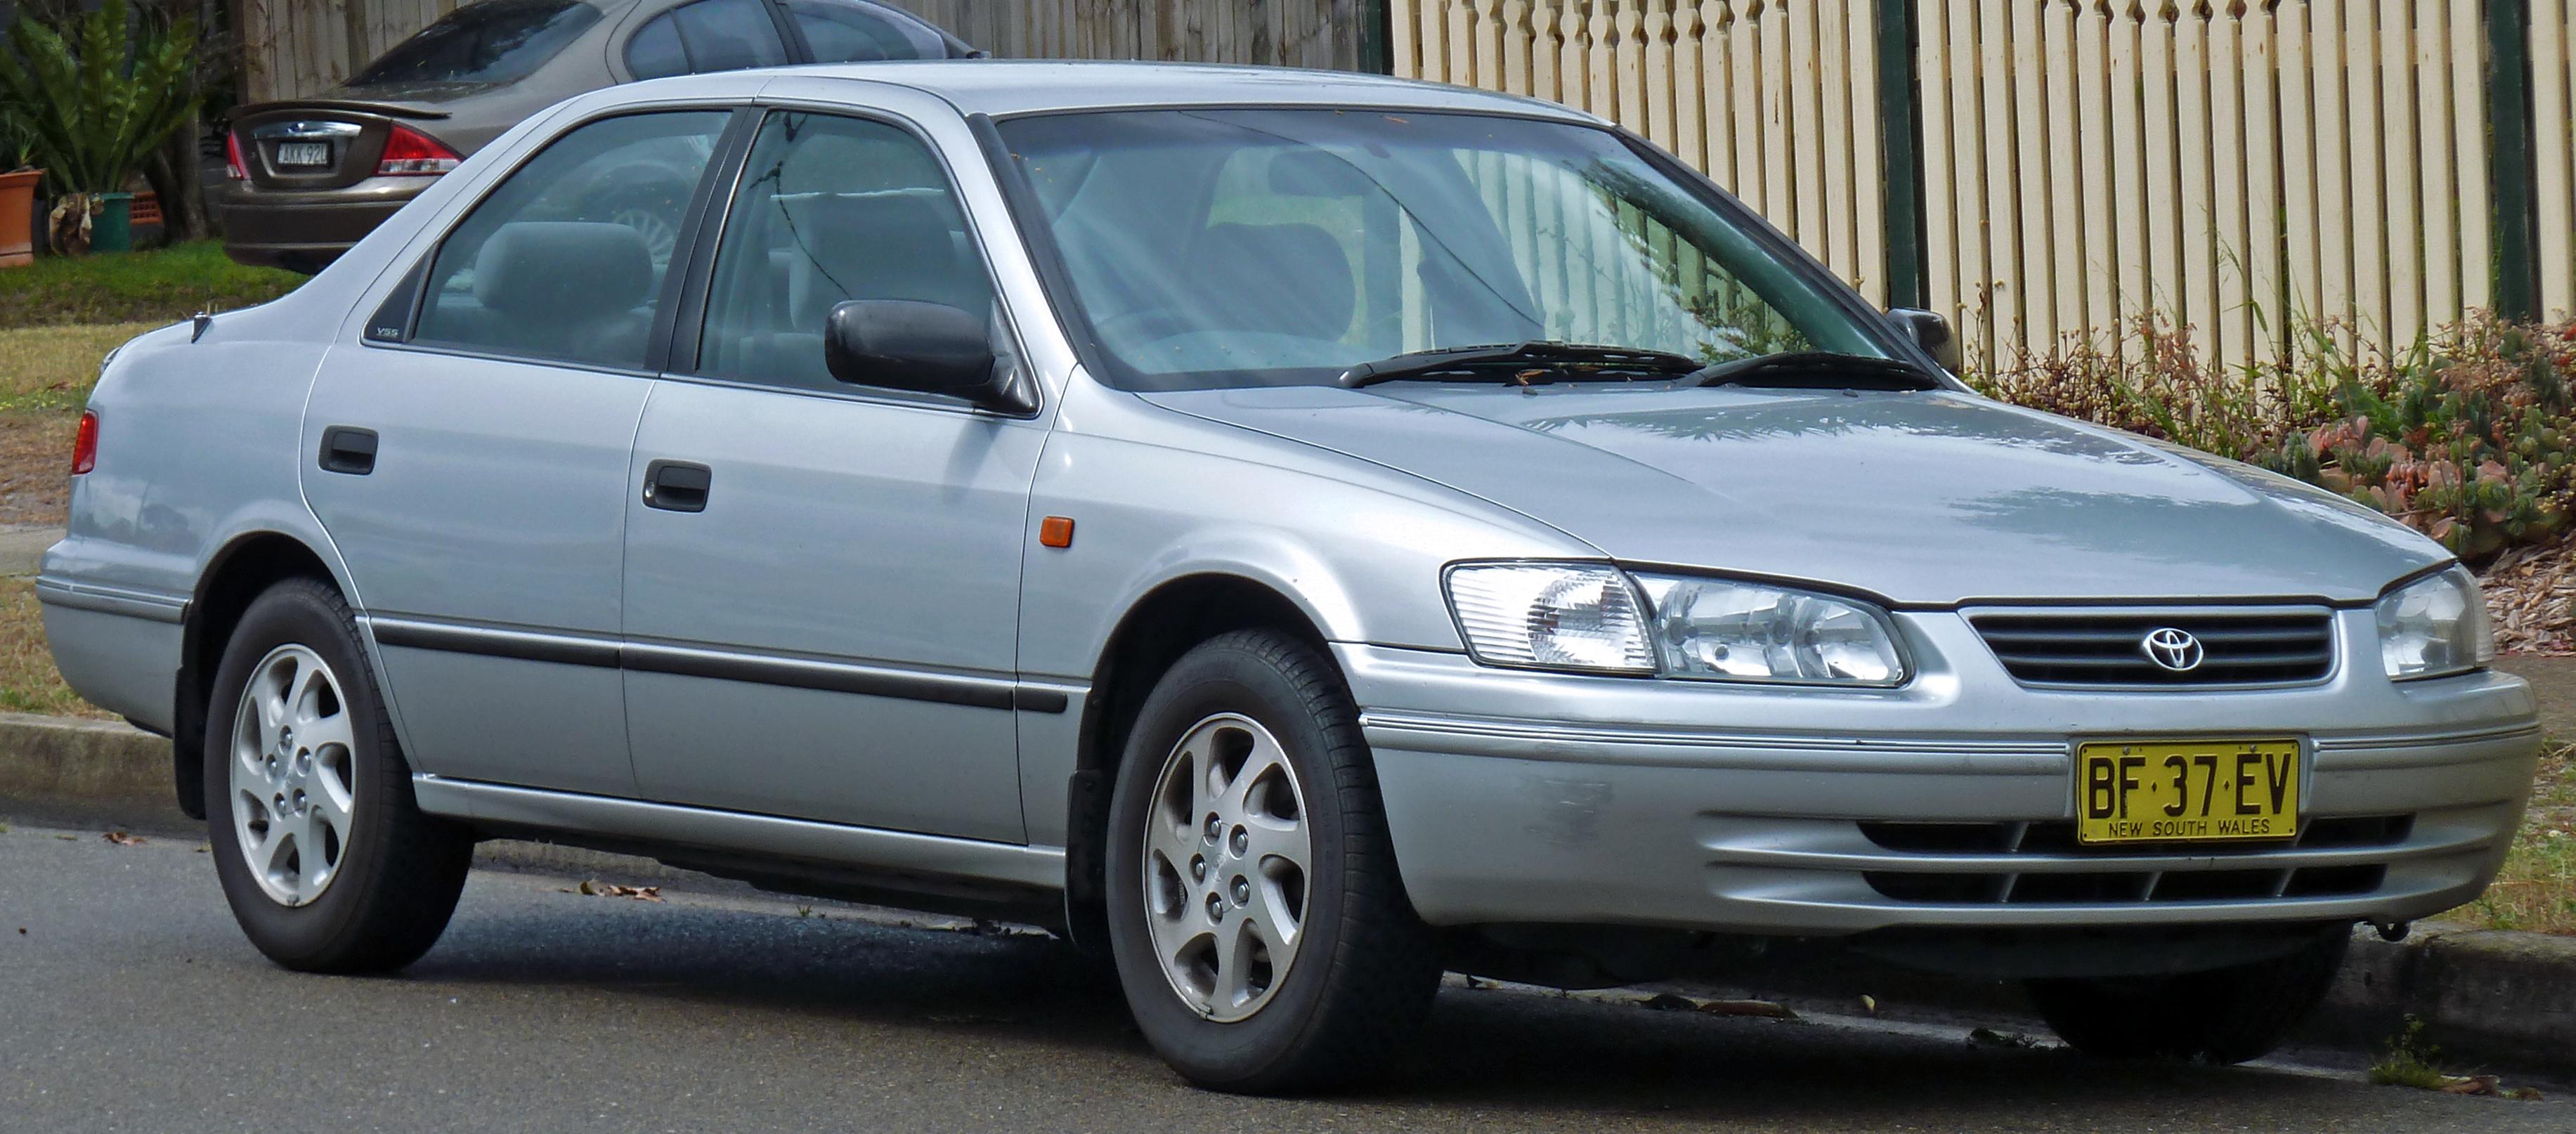 Daihatsu Altis I (SXV20) 2000 - 2001 Sedan #3